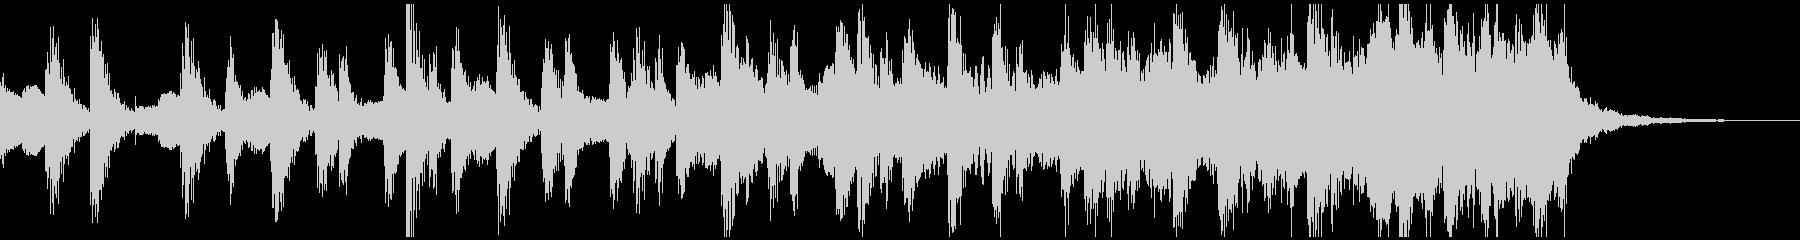 ミニマルなショートBGMの未再生の波形